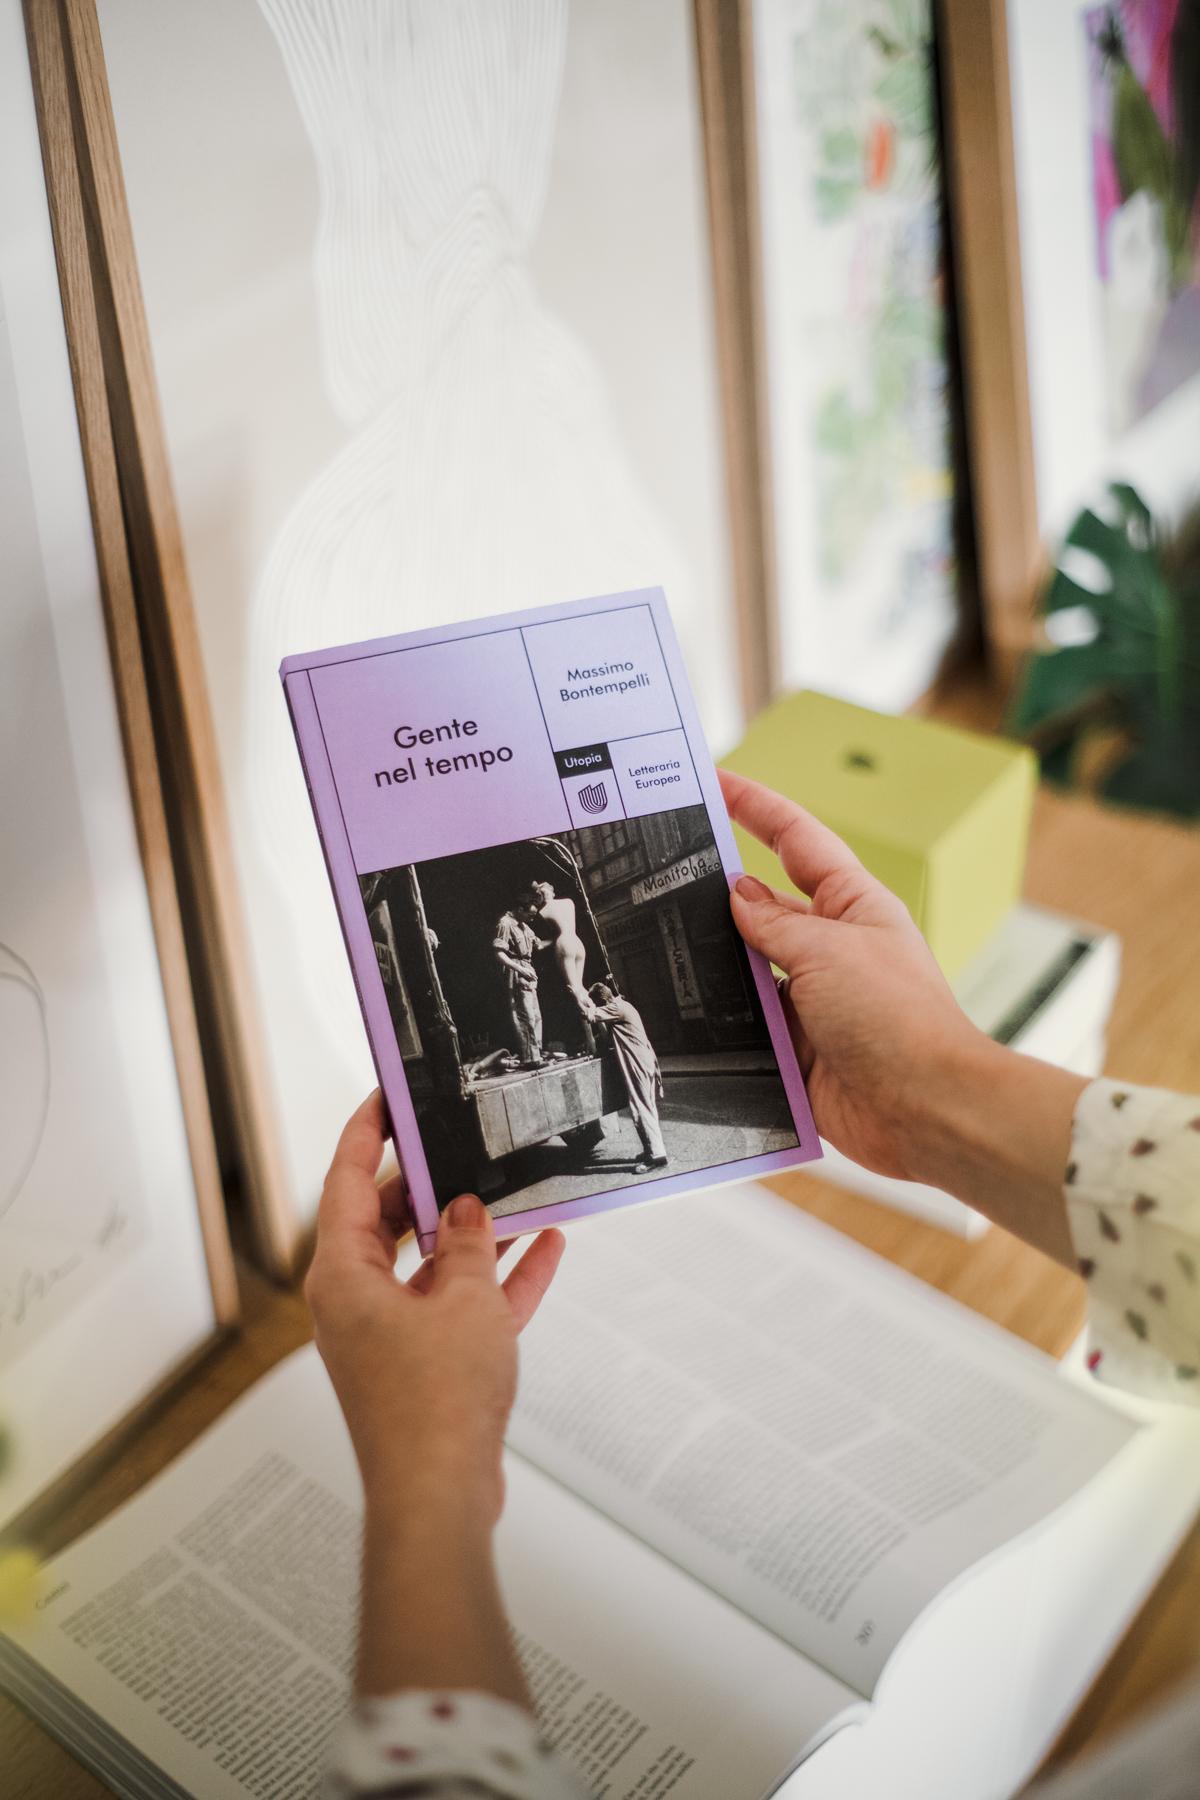 Gente nel Tempo, Massimo Bontempelli, Utopia Editore, Gruppo di lettura